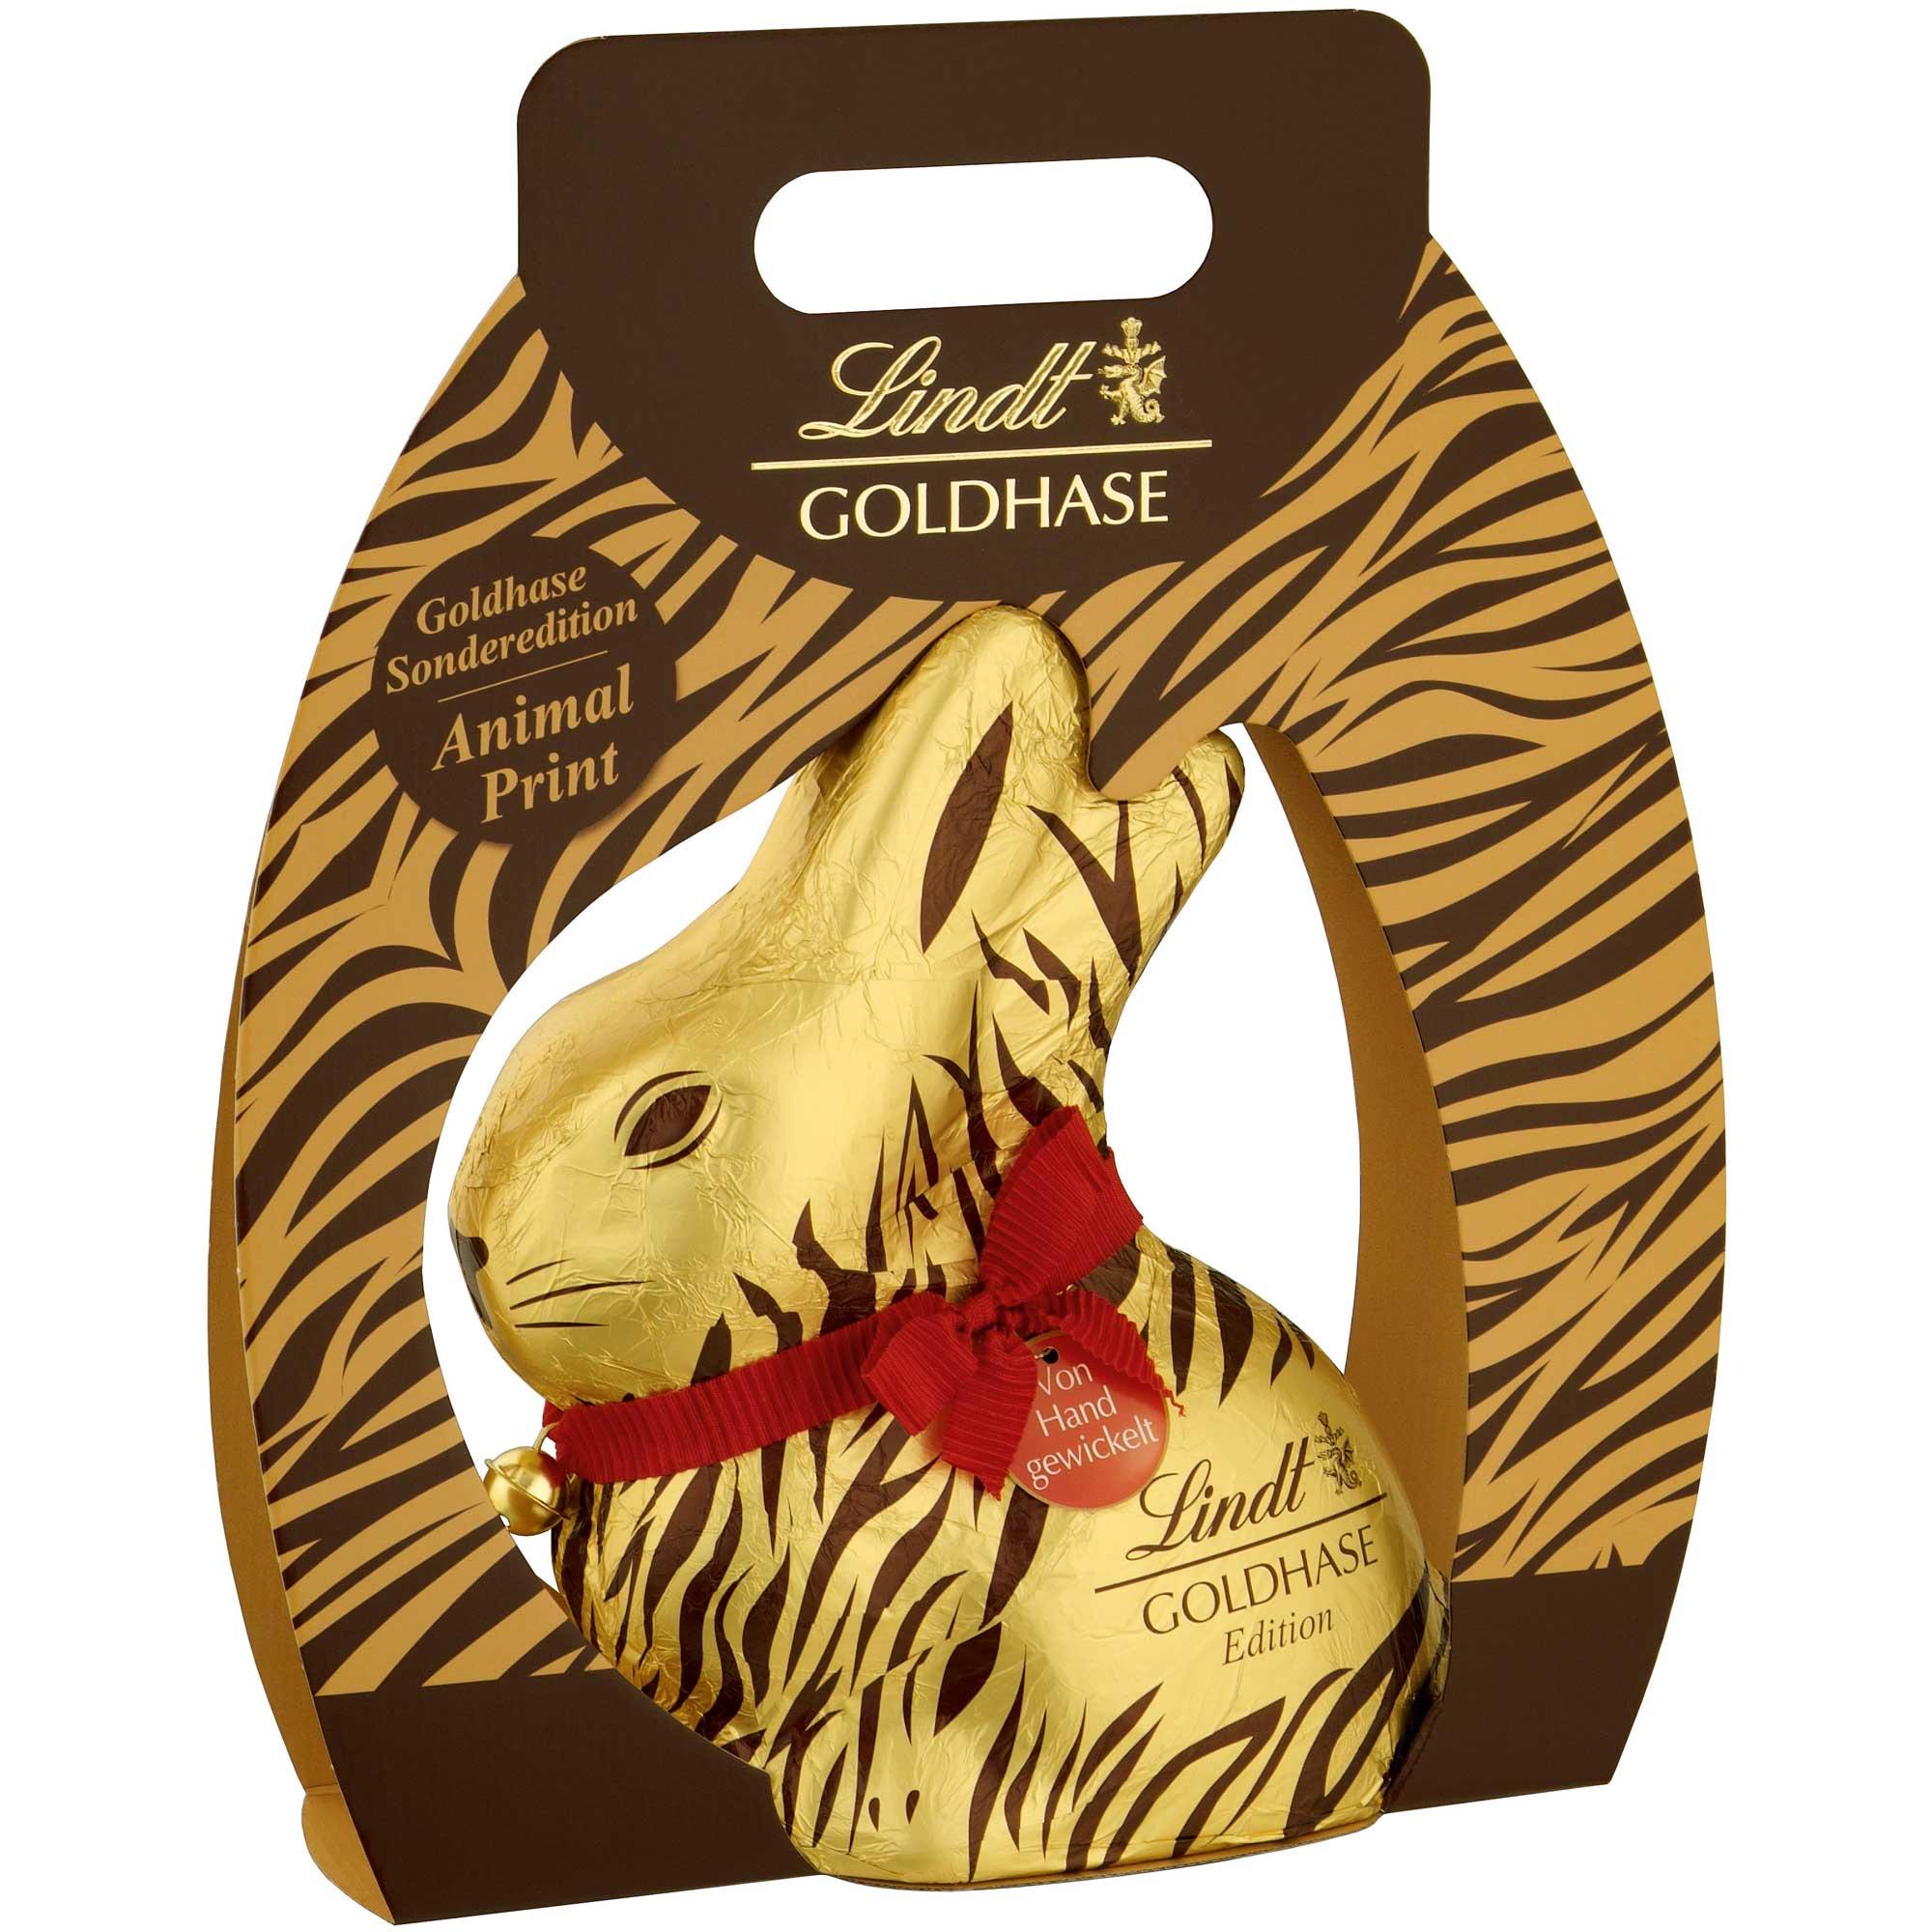 lindt goldhase animal print 500g online kaufen im world of sweets shop. Black Bedroom Furniture Sets. Home Design Ideas